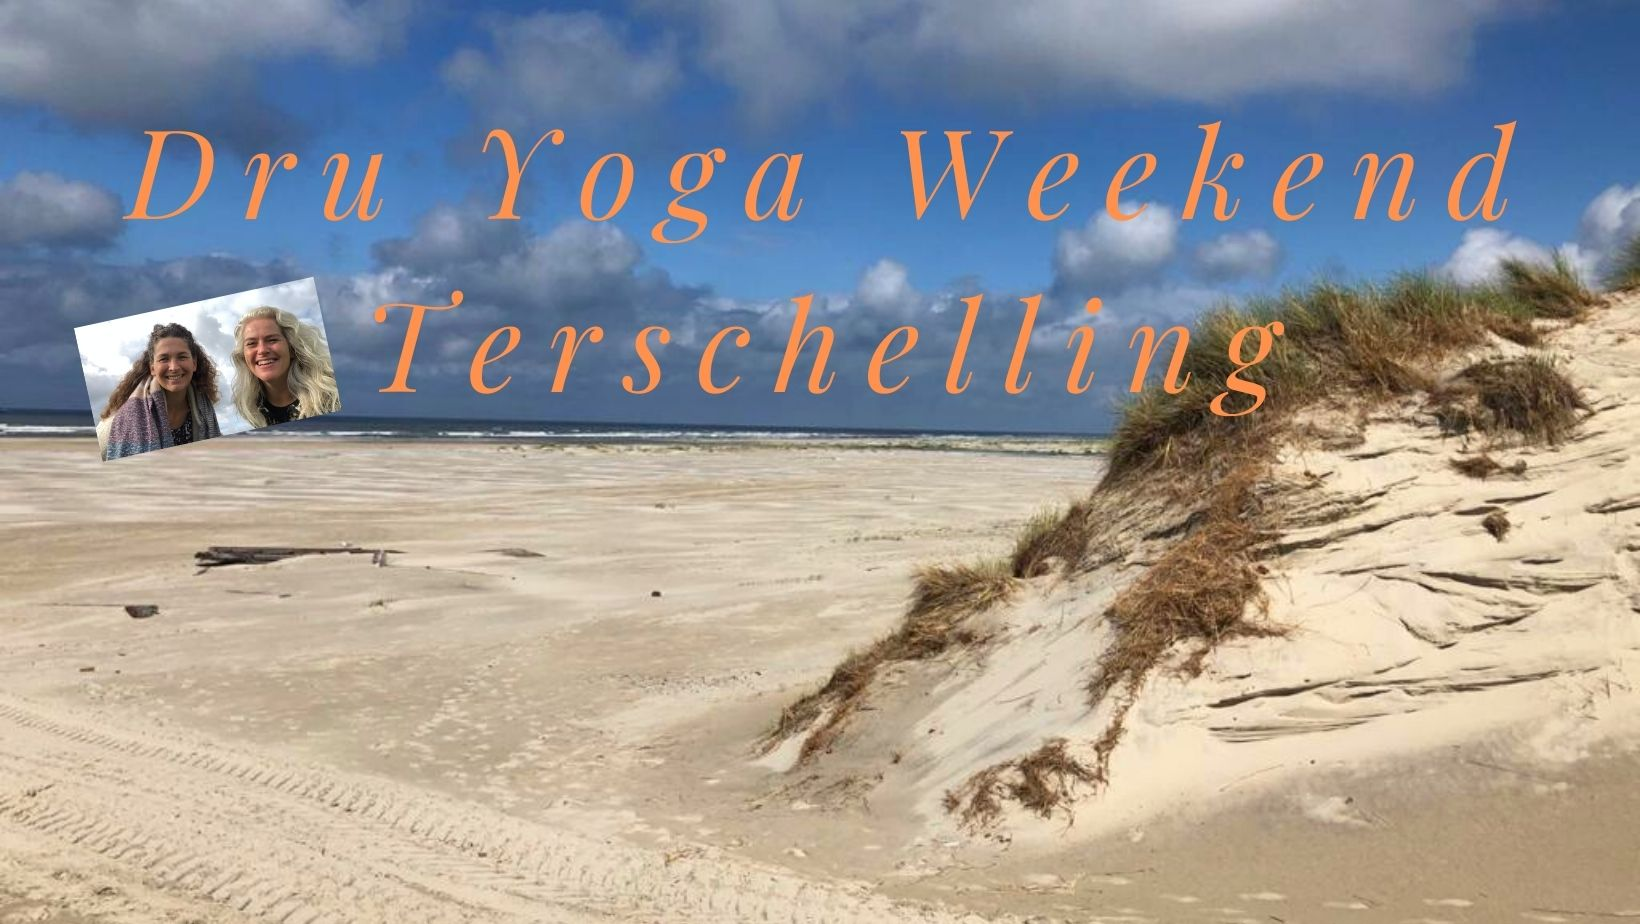 www-Dru-Yoga-Weekend-Terschelling-1